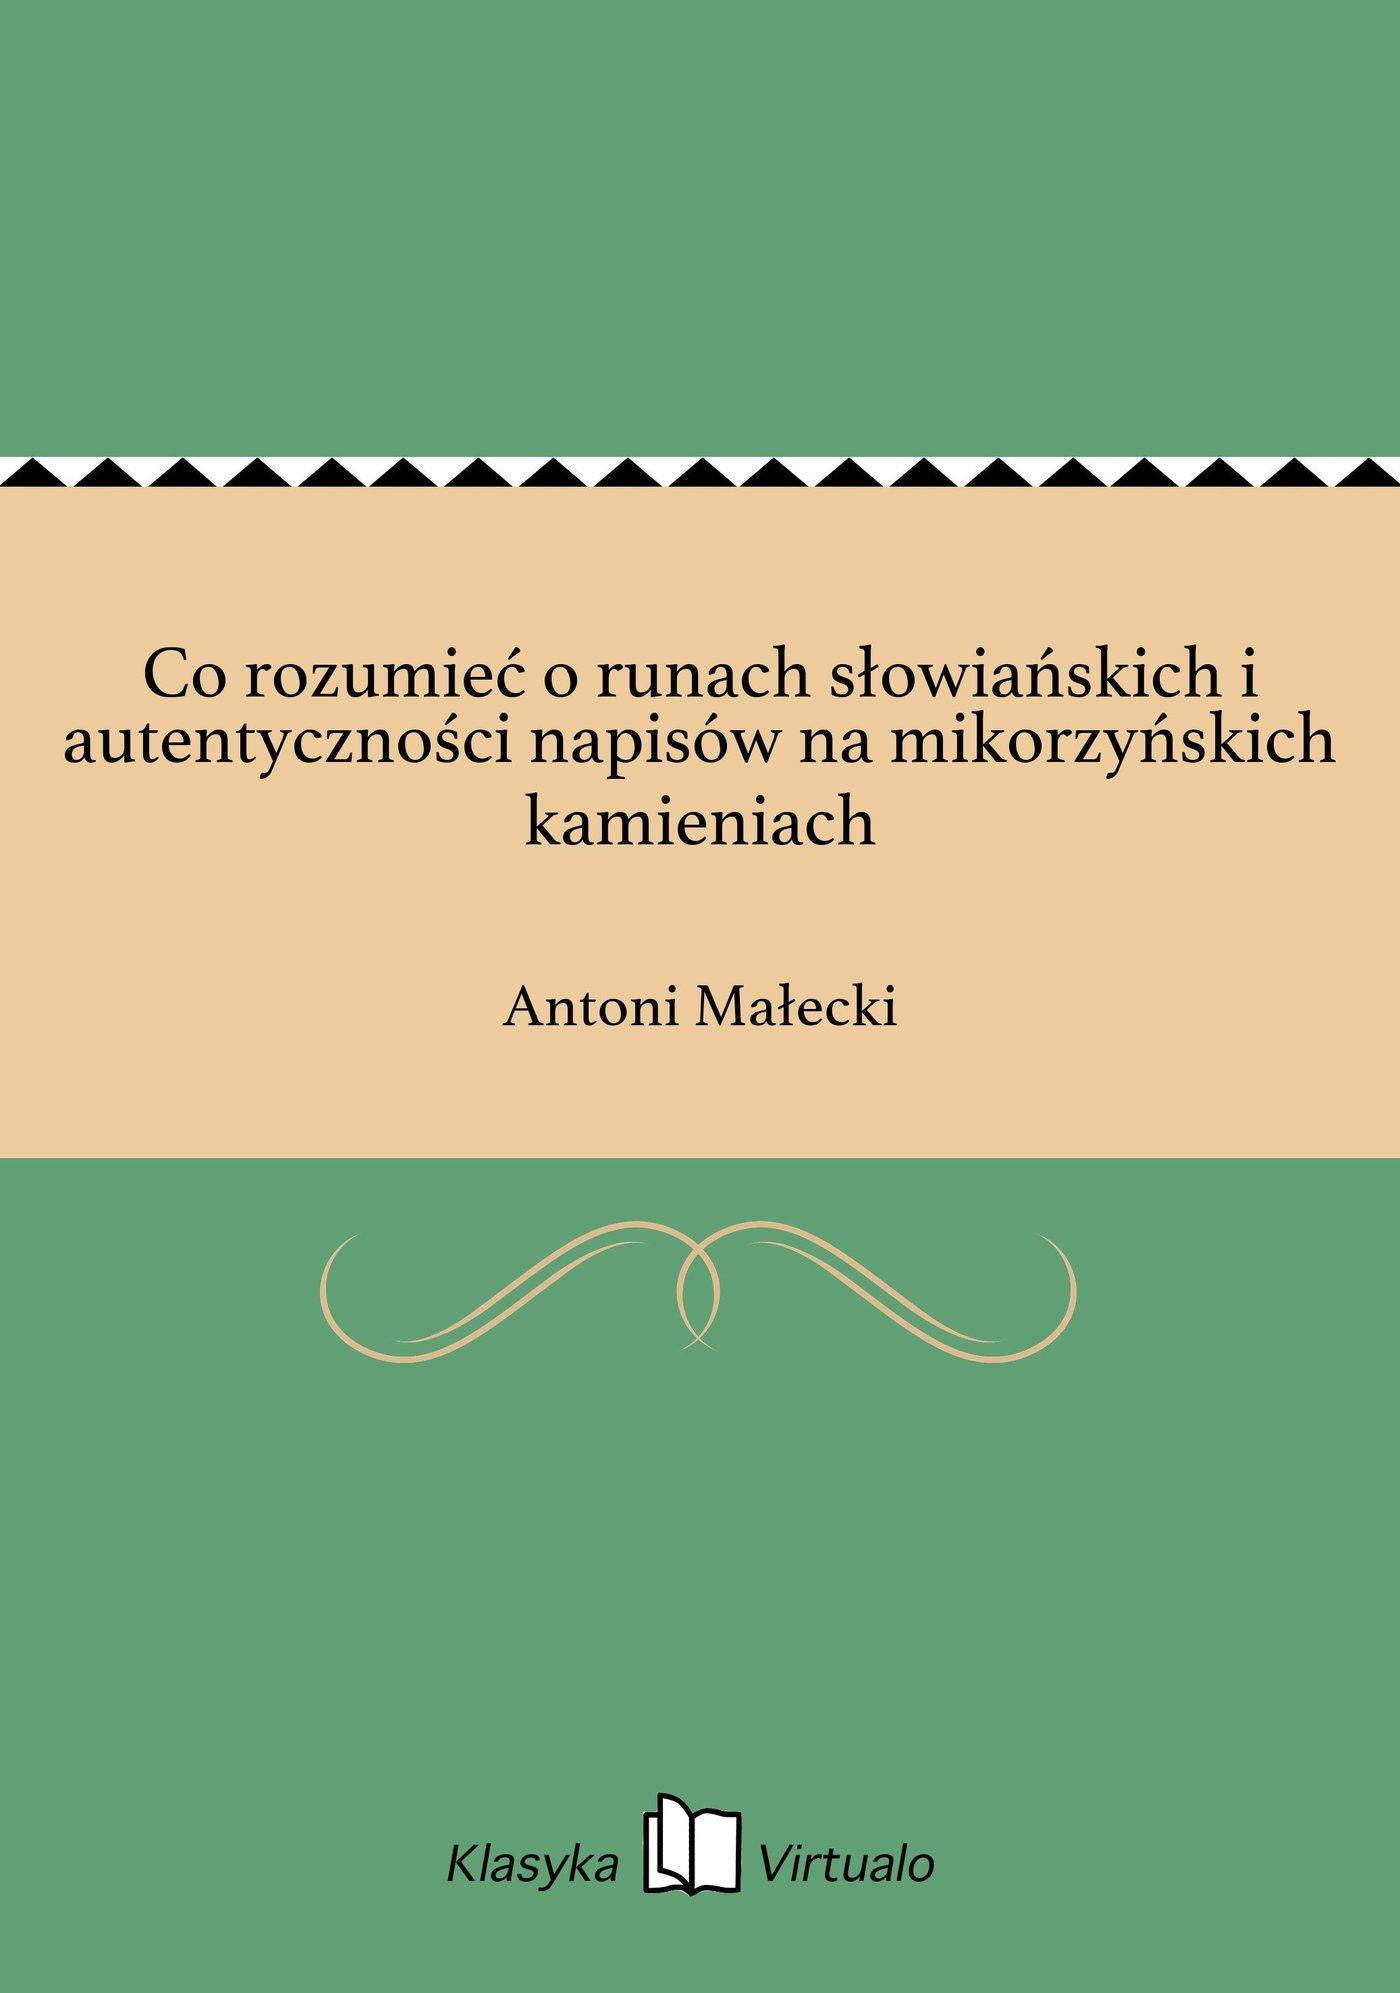 Co rozumieć o runach słowiańskich i autentyczności napisów na mikorzyńskich kamieniach - Ebook (Książka EPUB) do pobrania w formacie EPUB